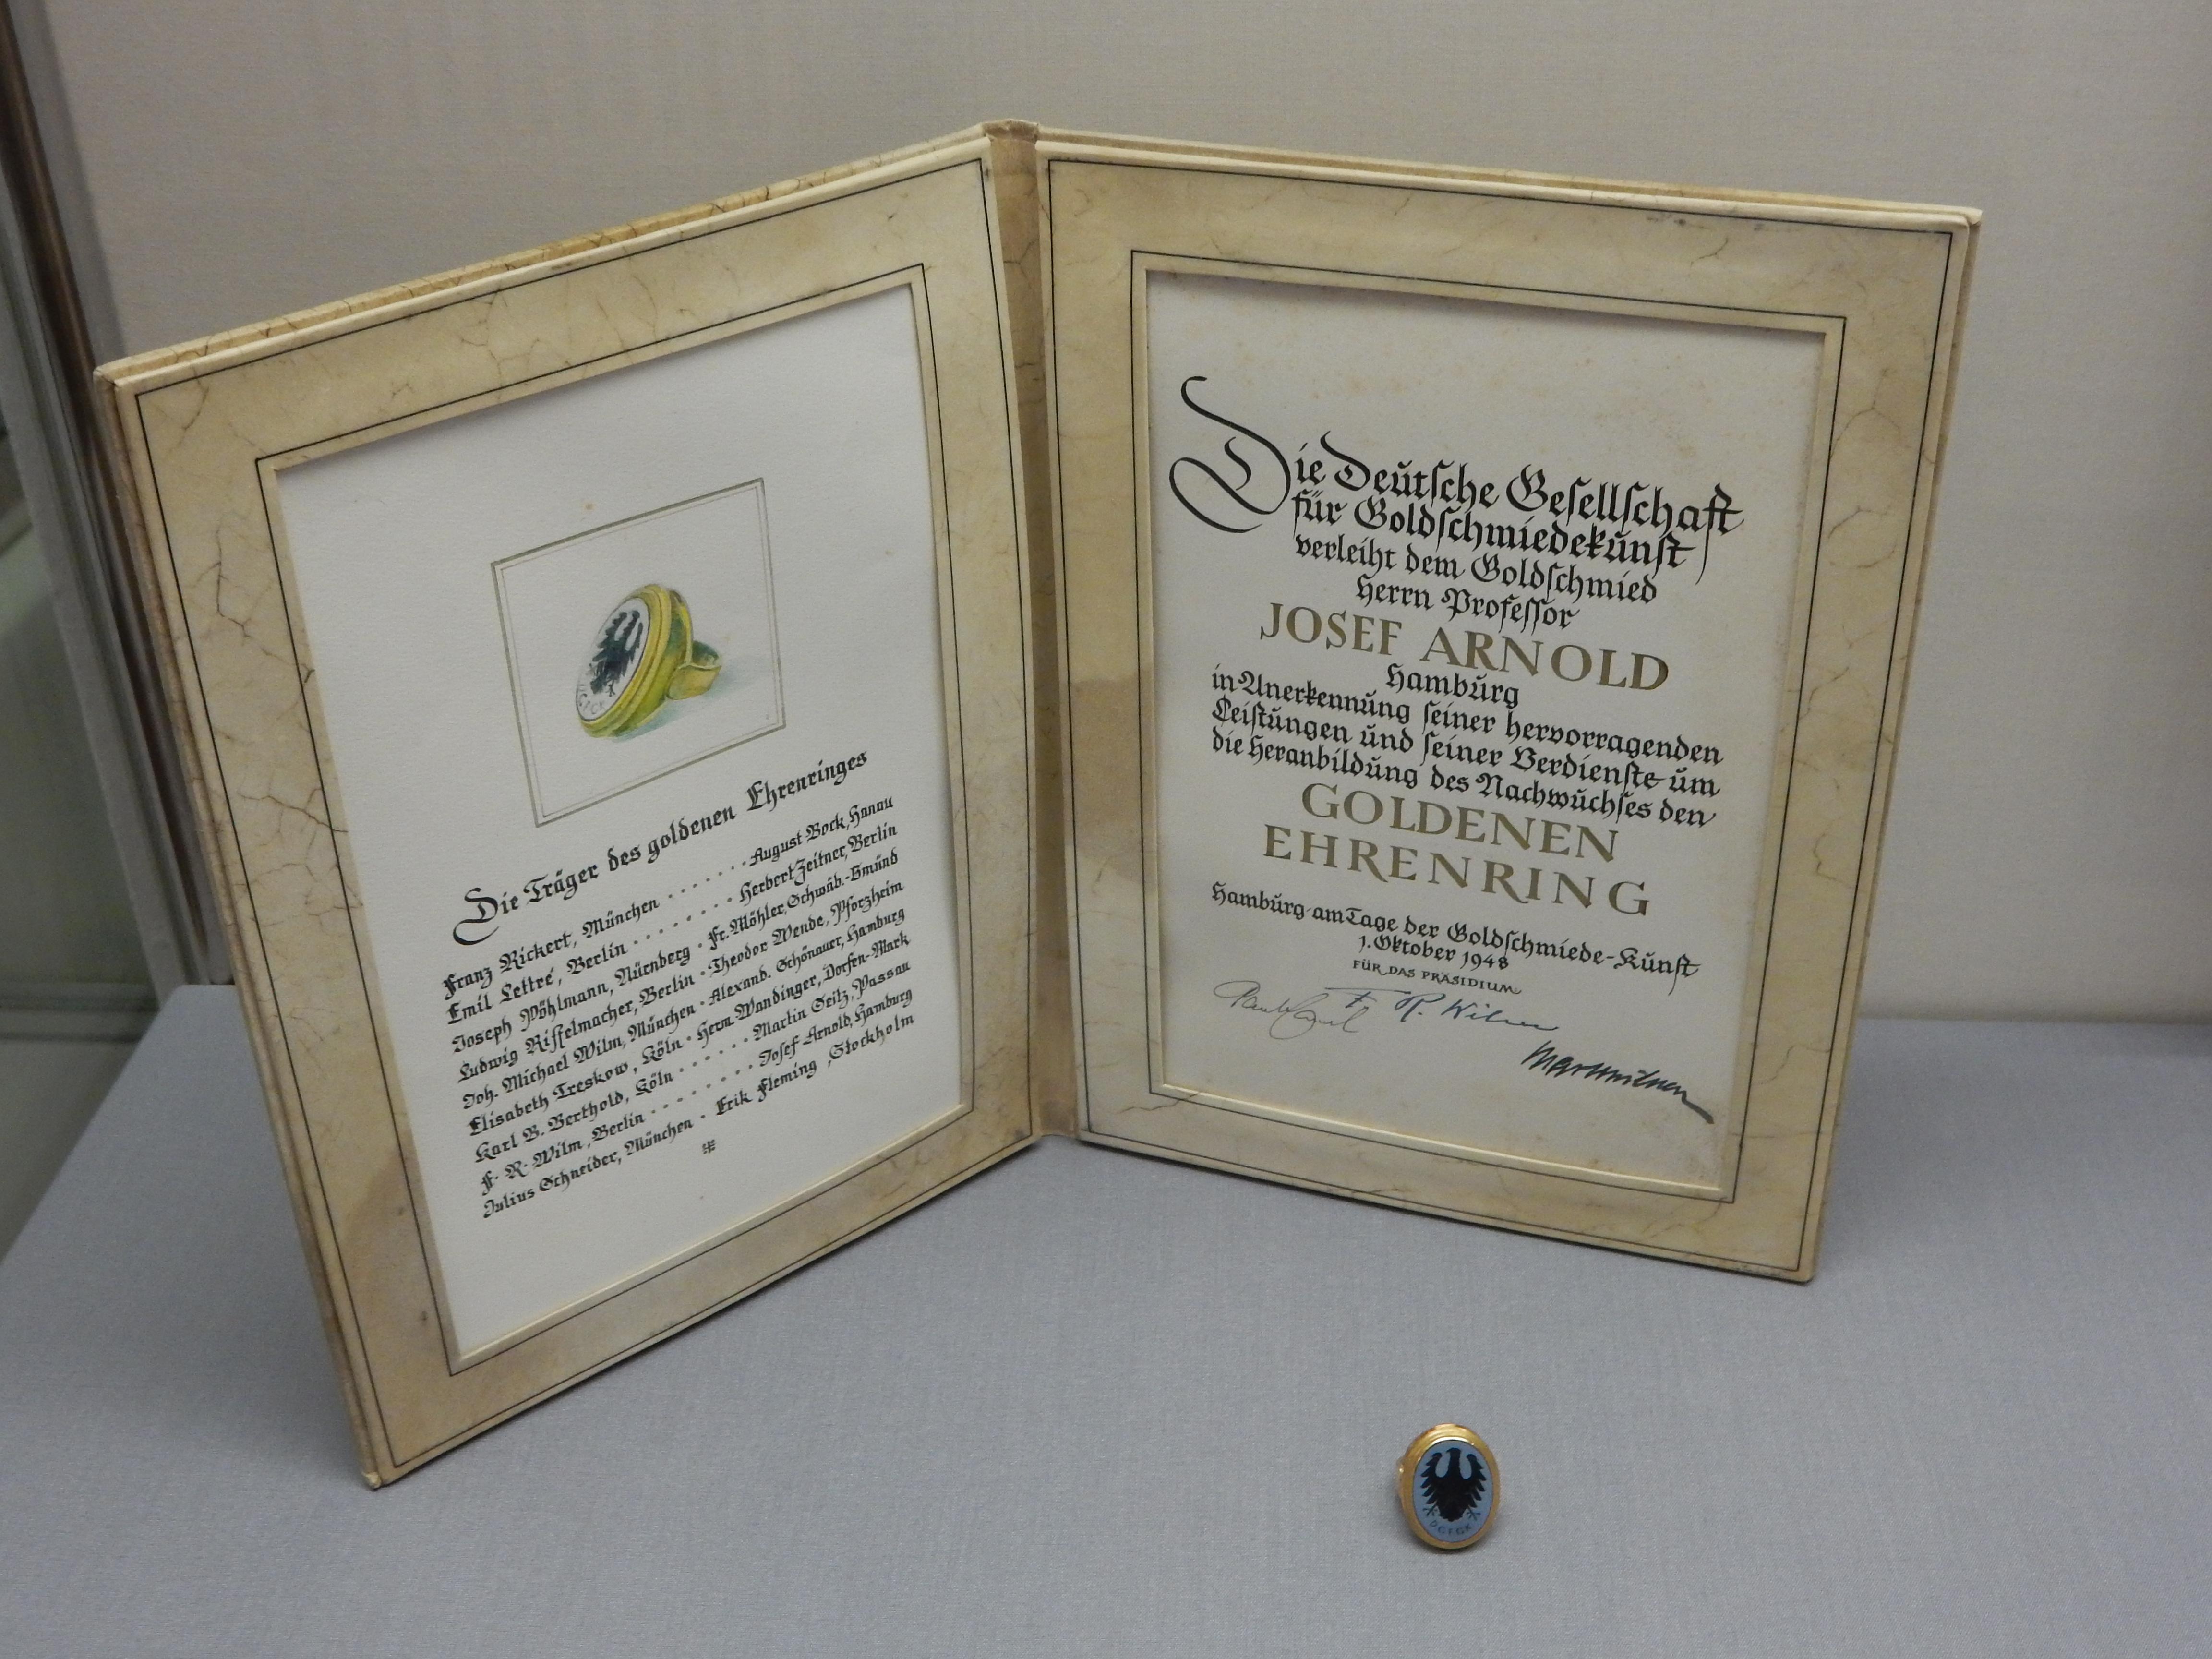 Oorkonde Goldener Ehrenring voor Josef Arnold. Deutsches Goldschmiedehaus. Foto Coert Peter Krabbe, mei 2019, papier, goud